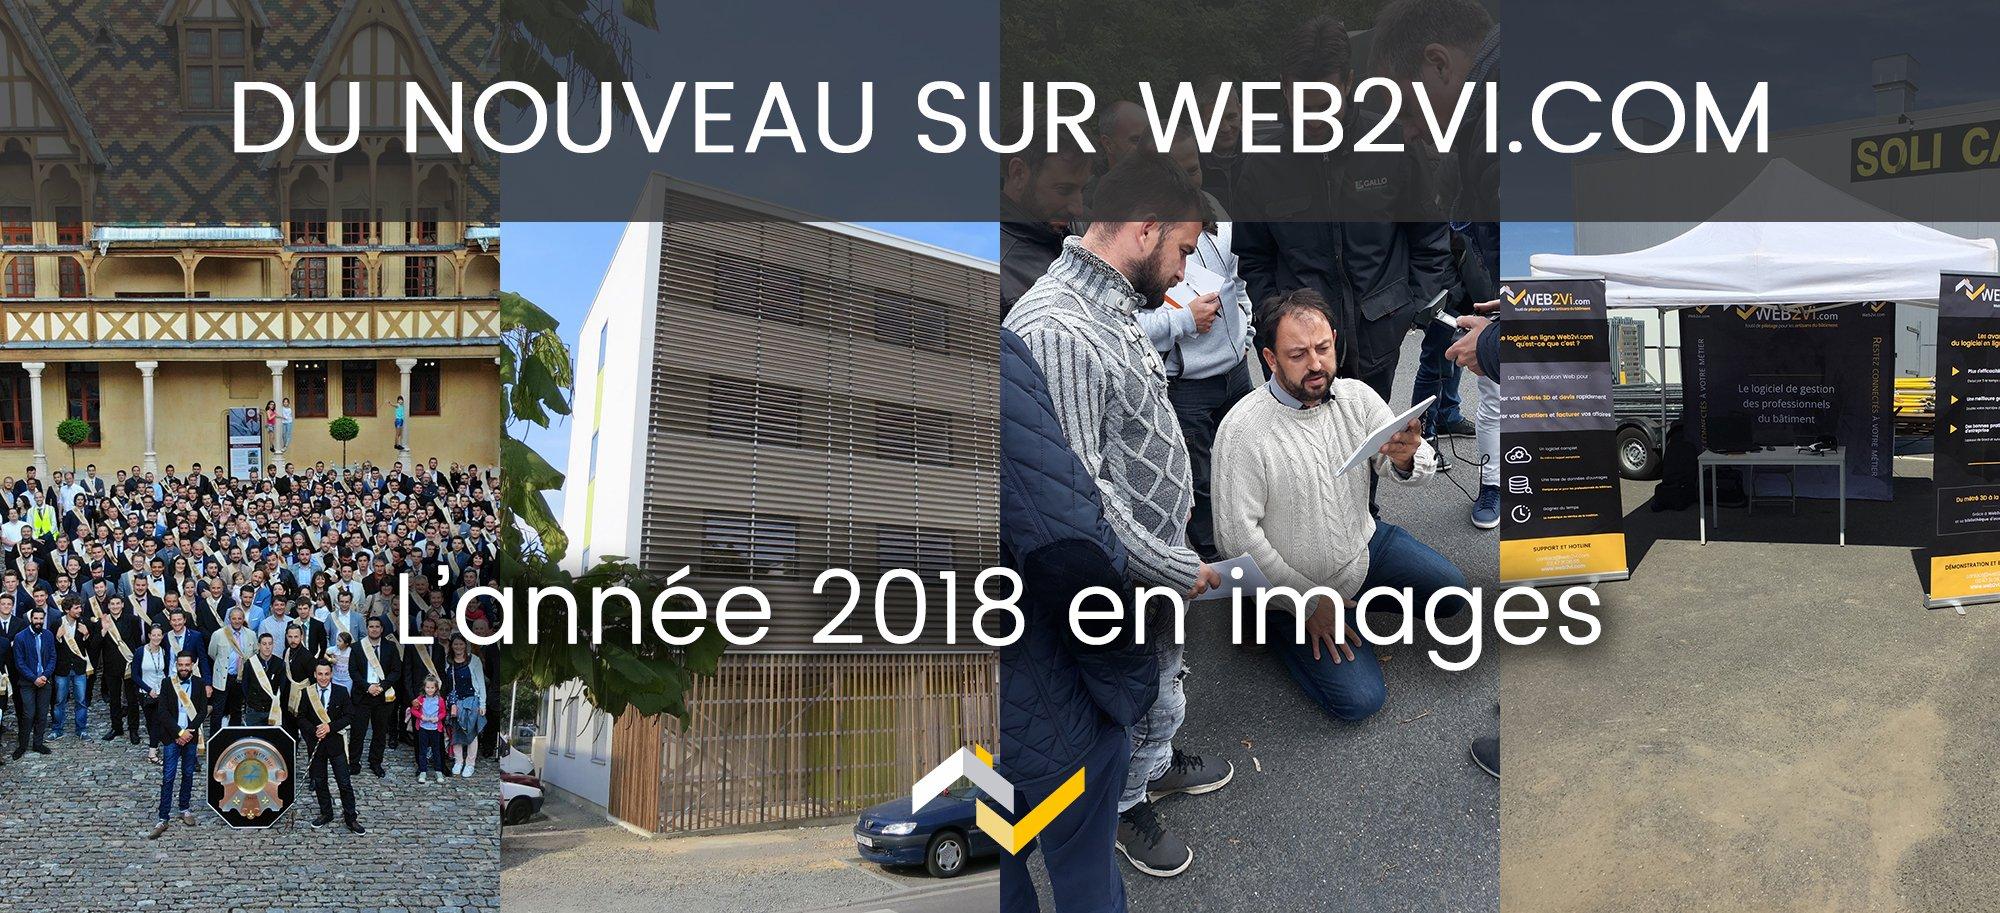 Web2vi en 2018 c'était...